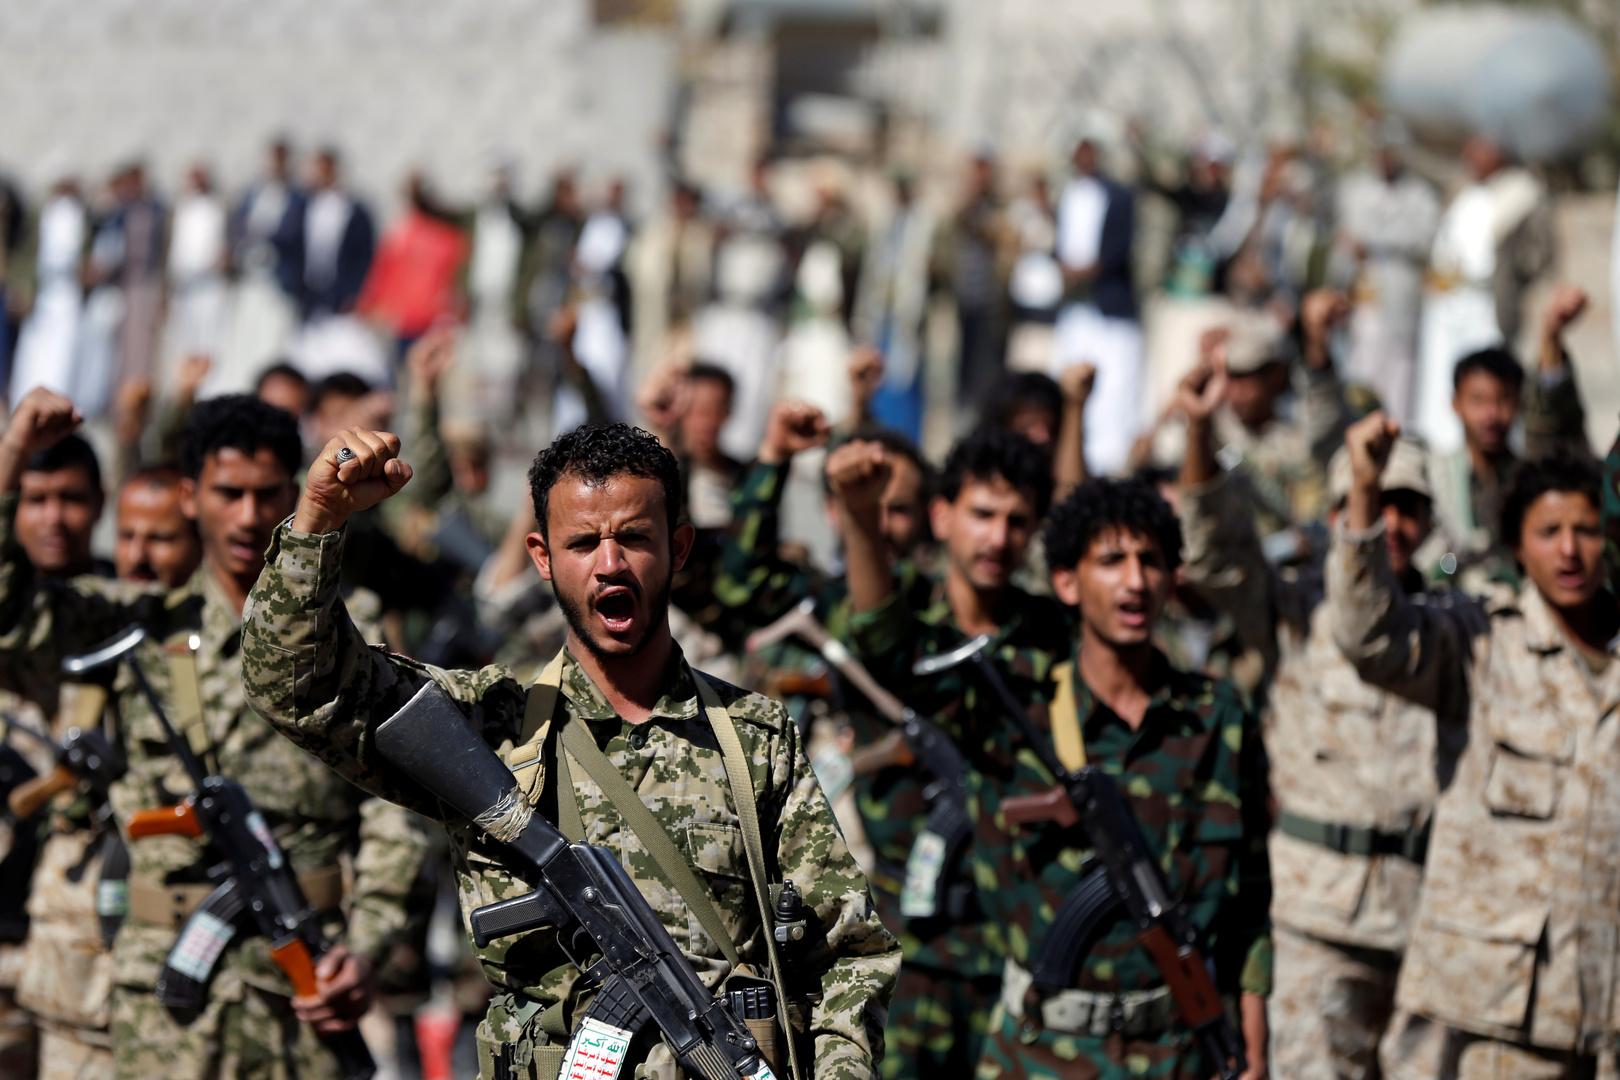 الحوثيون يستهدفون قاعدة جوية عسكرية جنوب السعودية ويعلنون إصابة الهدف بشكل دقيق